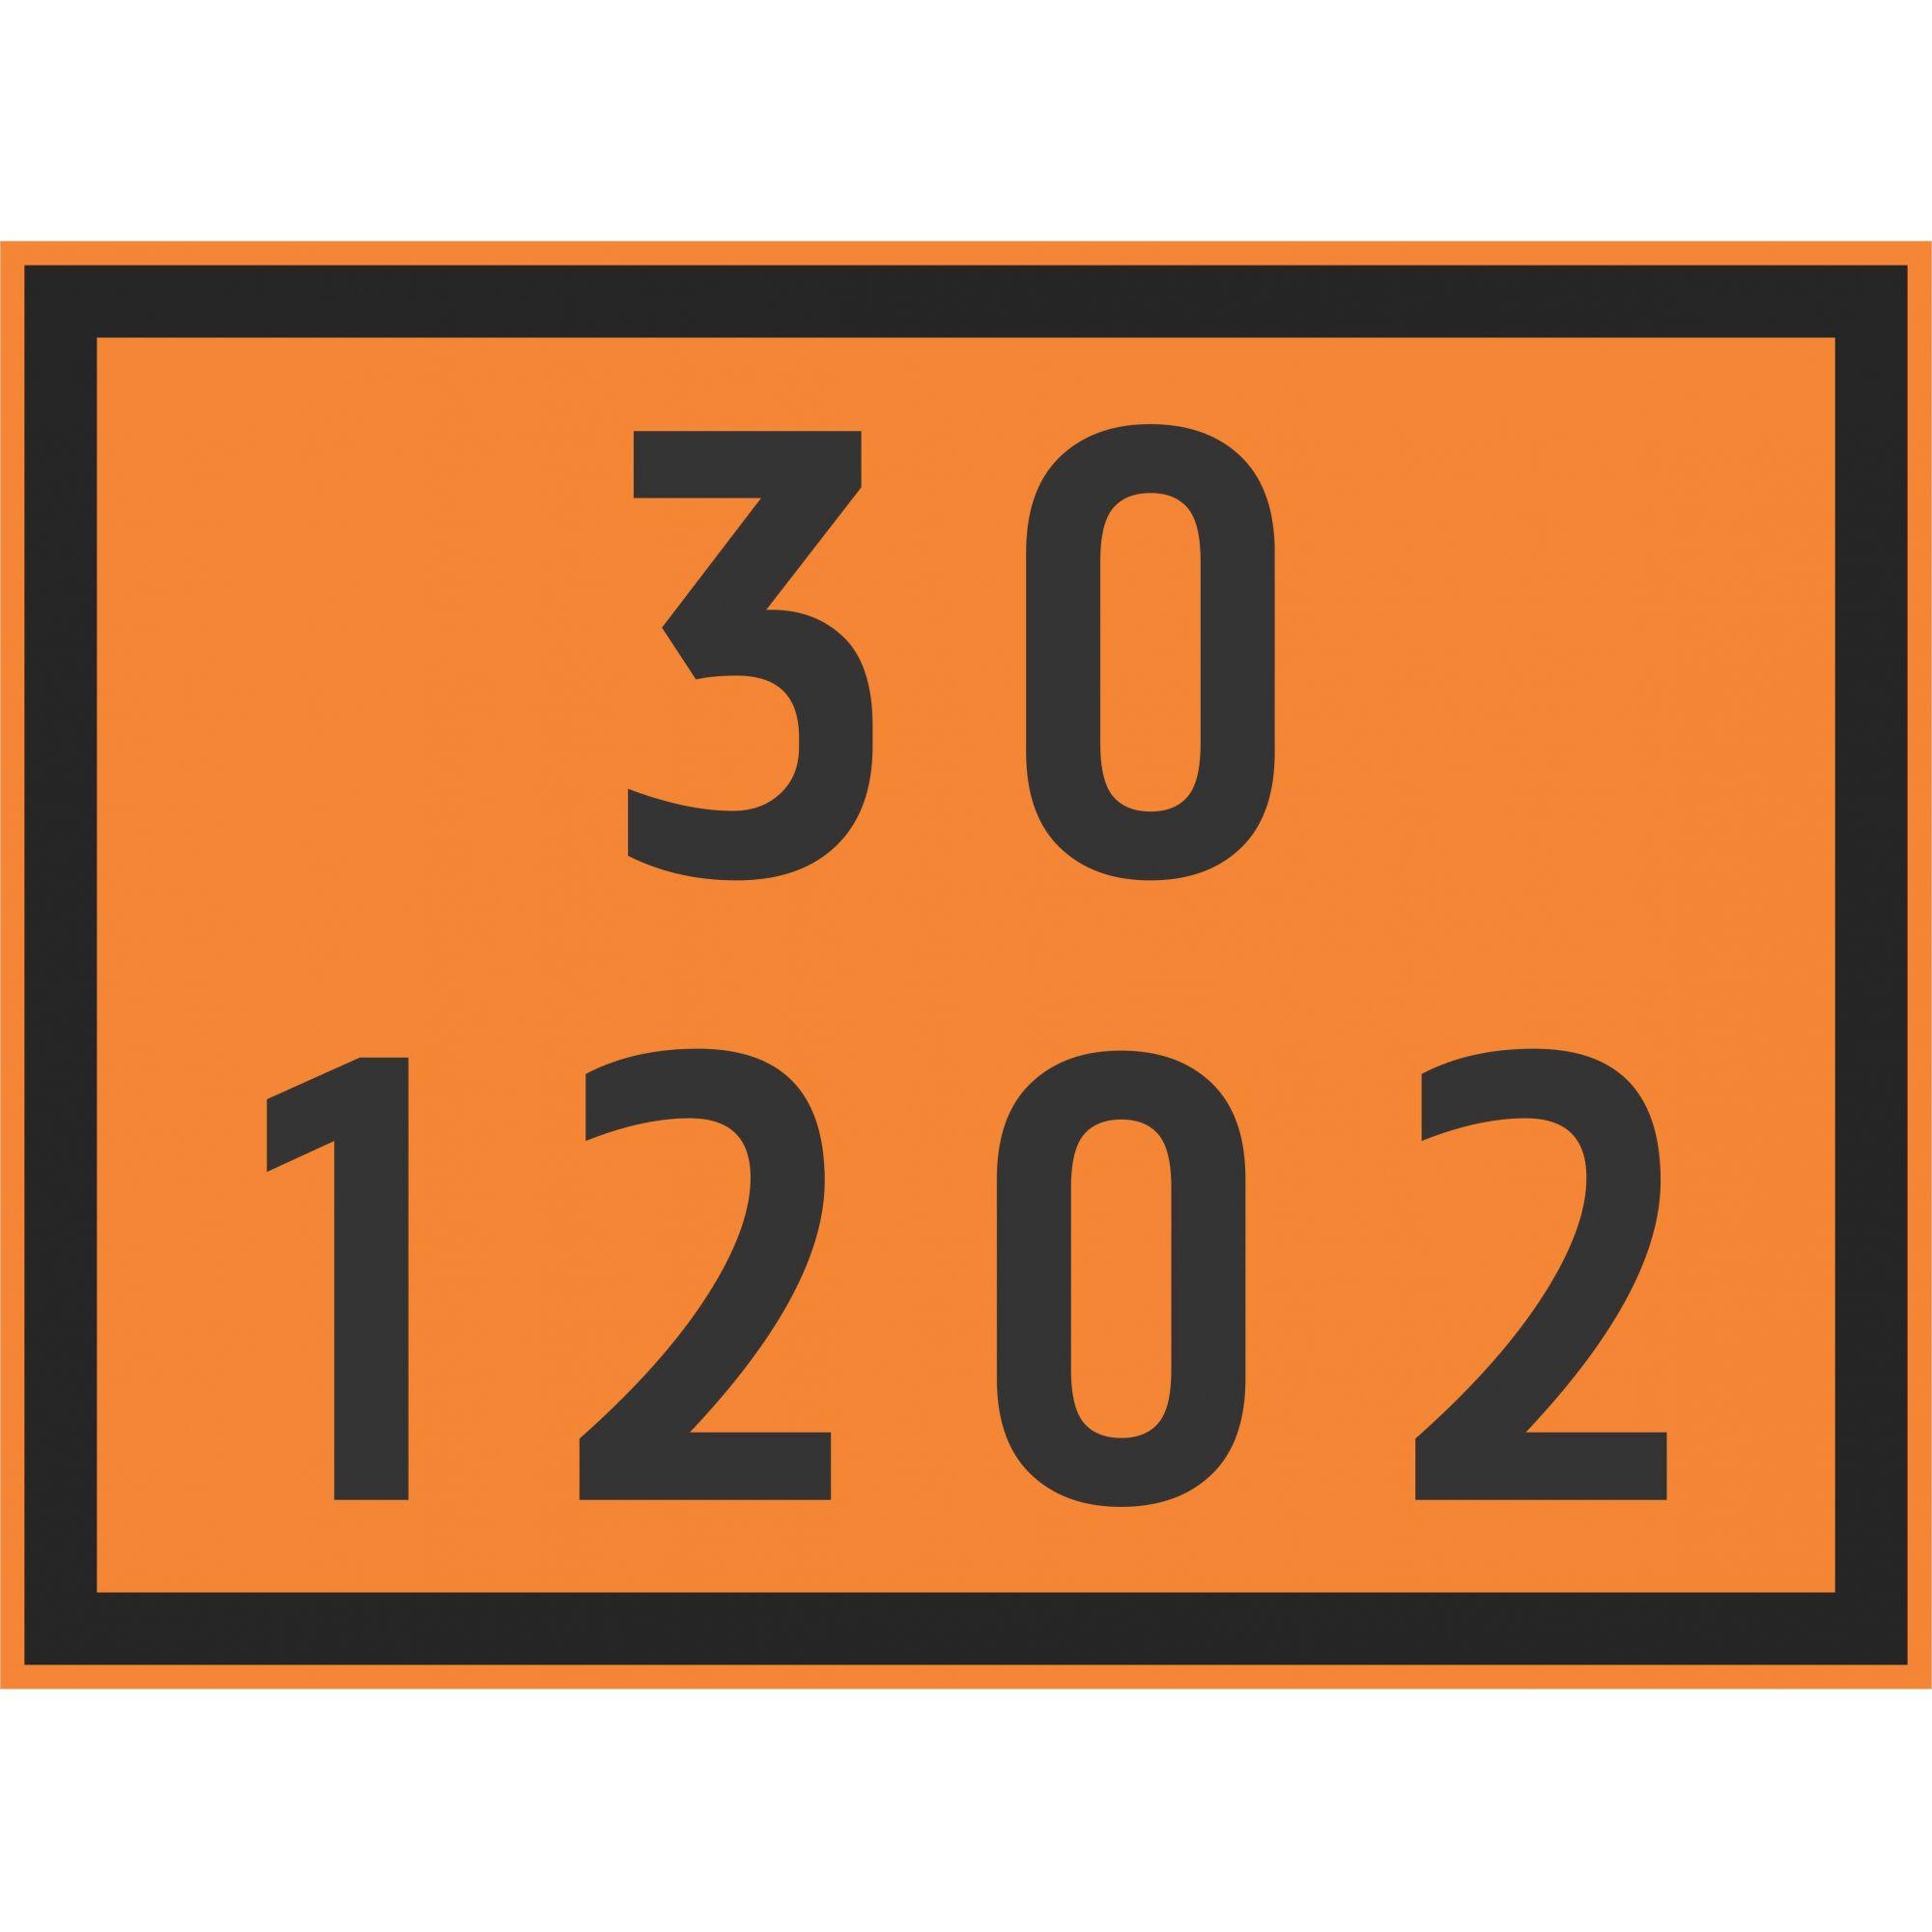 ÓLEO DIESEL 1202  - Towbar Sinalização de Segurança